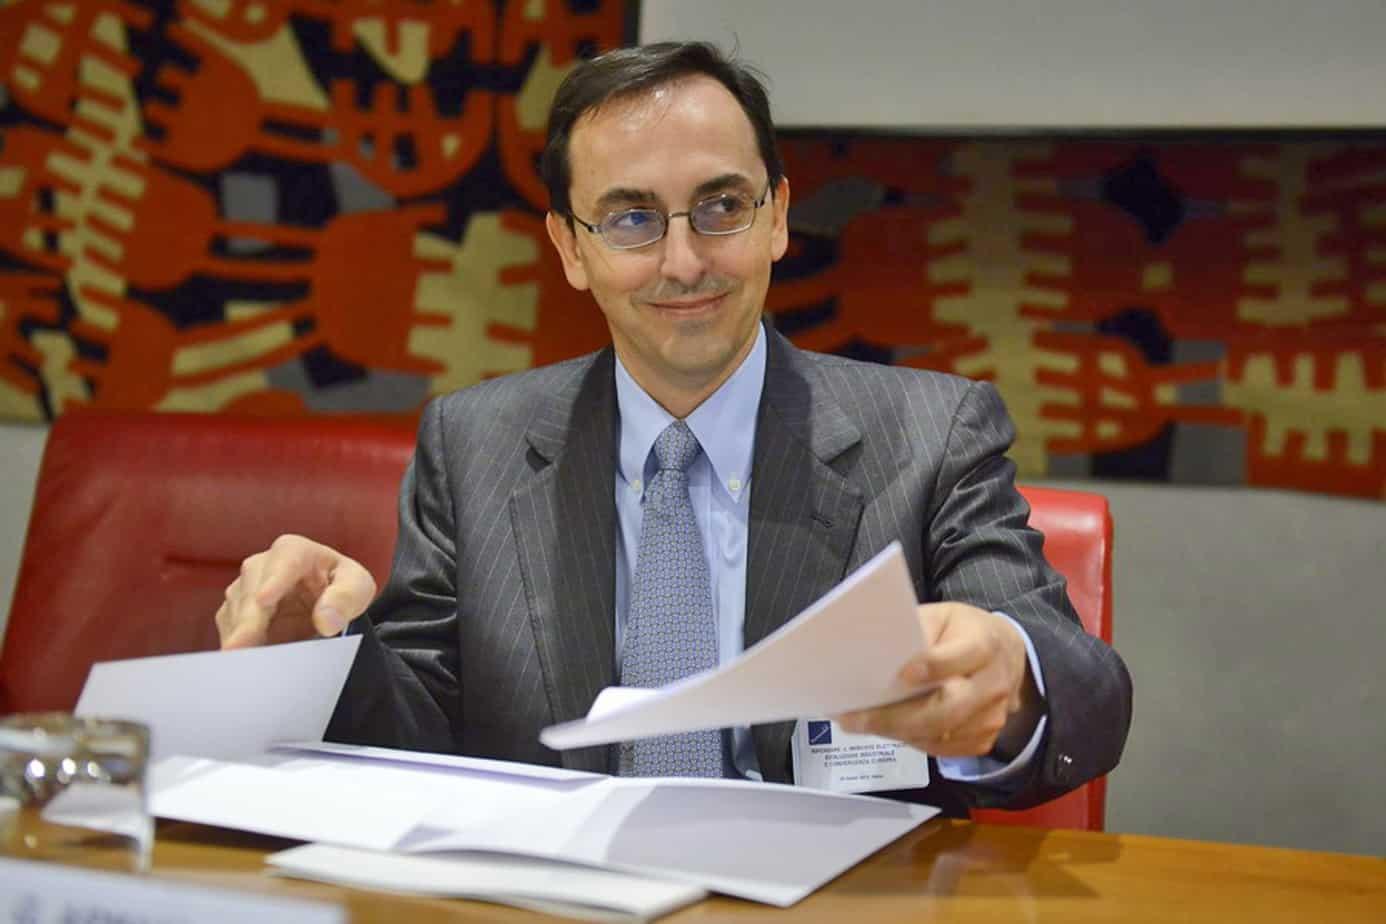 L'Ing. Gianni Vittorio Armani, Presidente e Amministratore Delegato di ANAS SpA